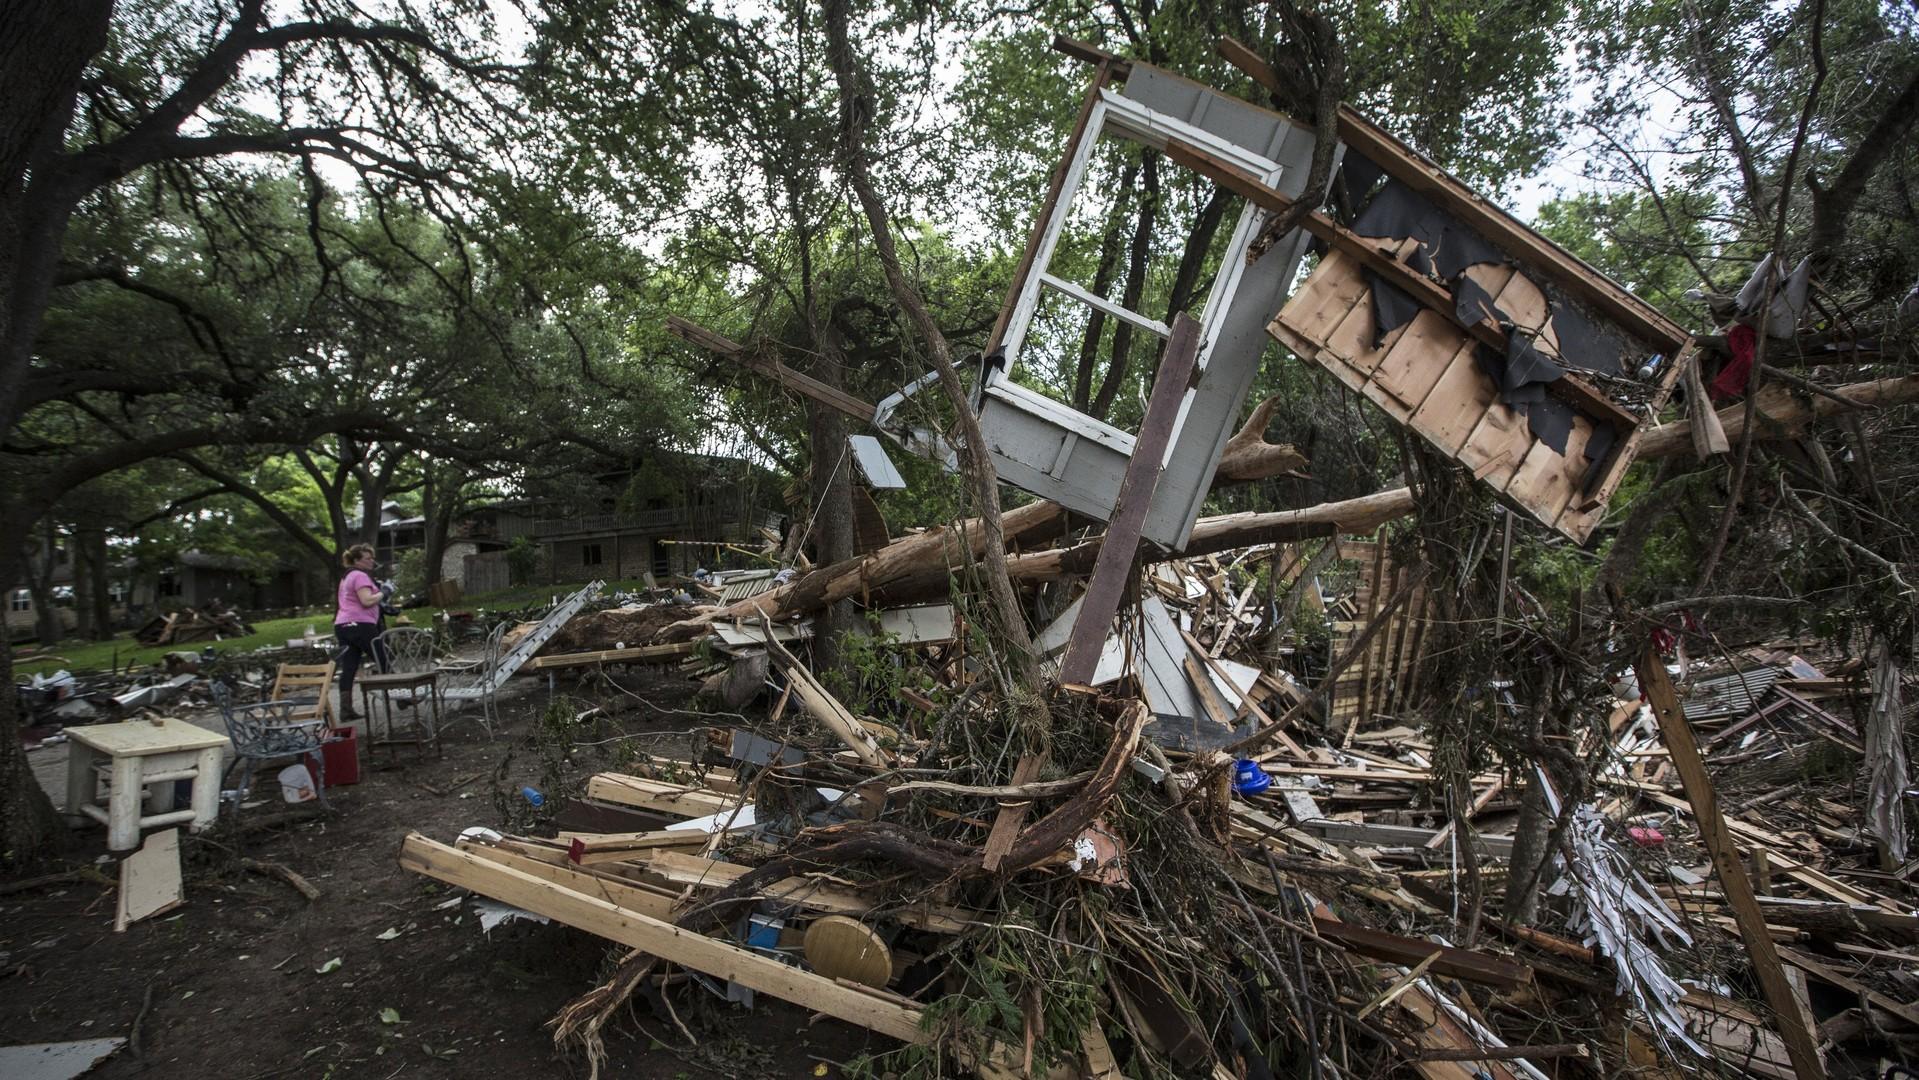 Les débris d'une maison après les inondations meurtrières au Texas